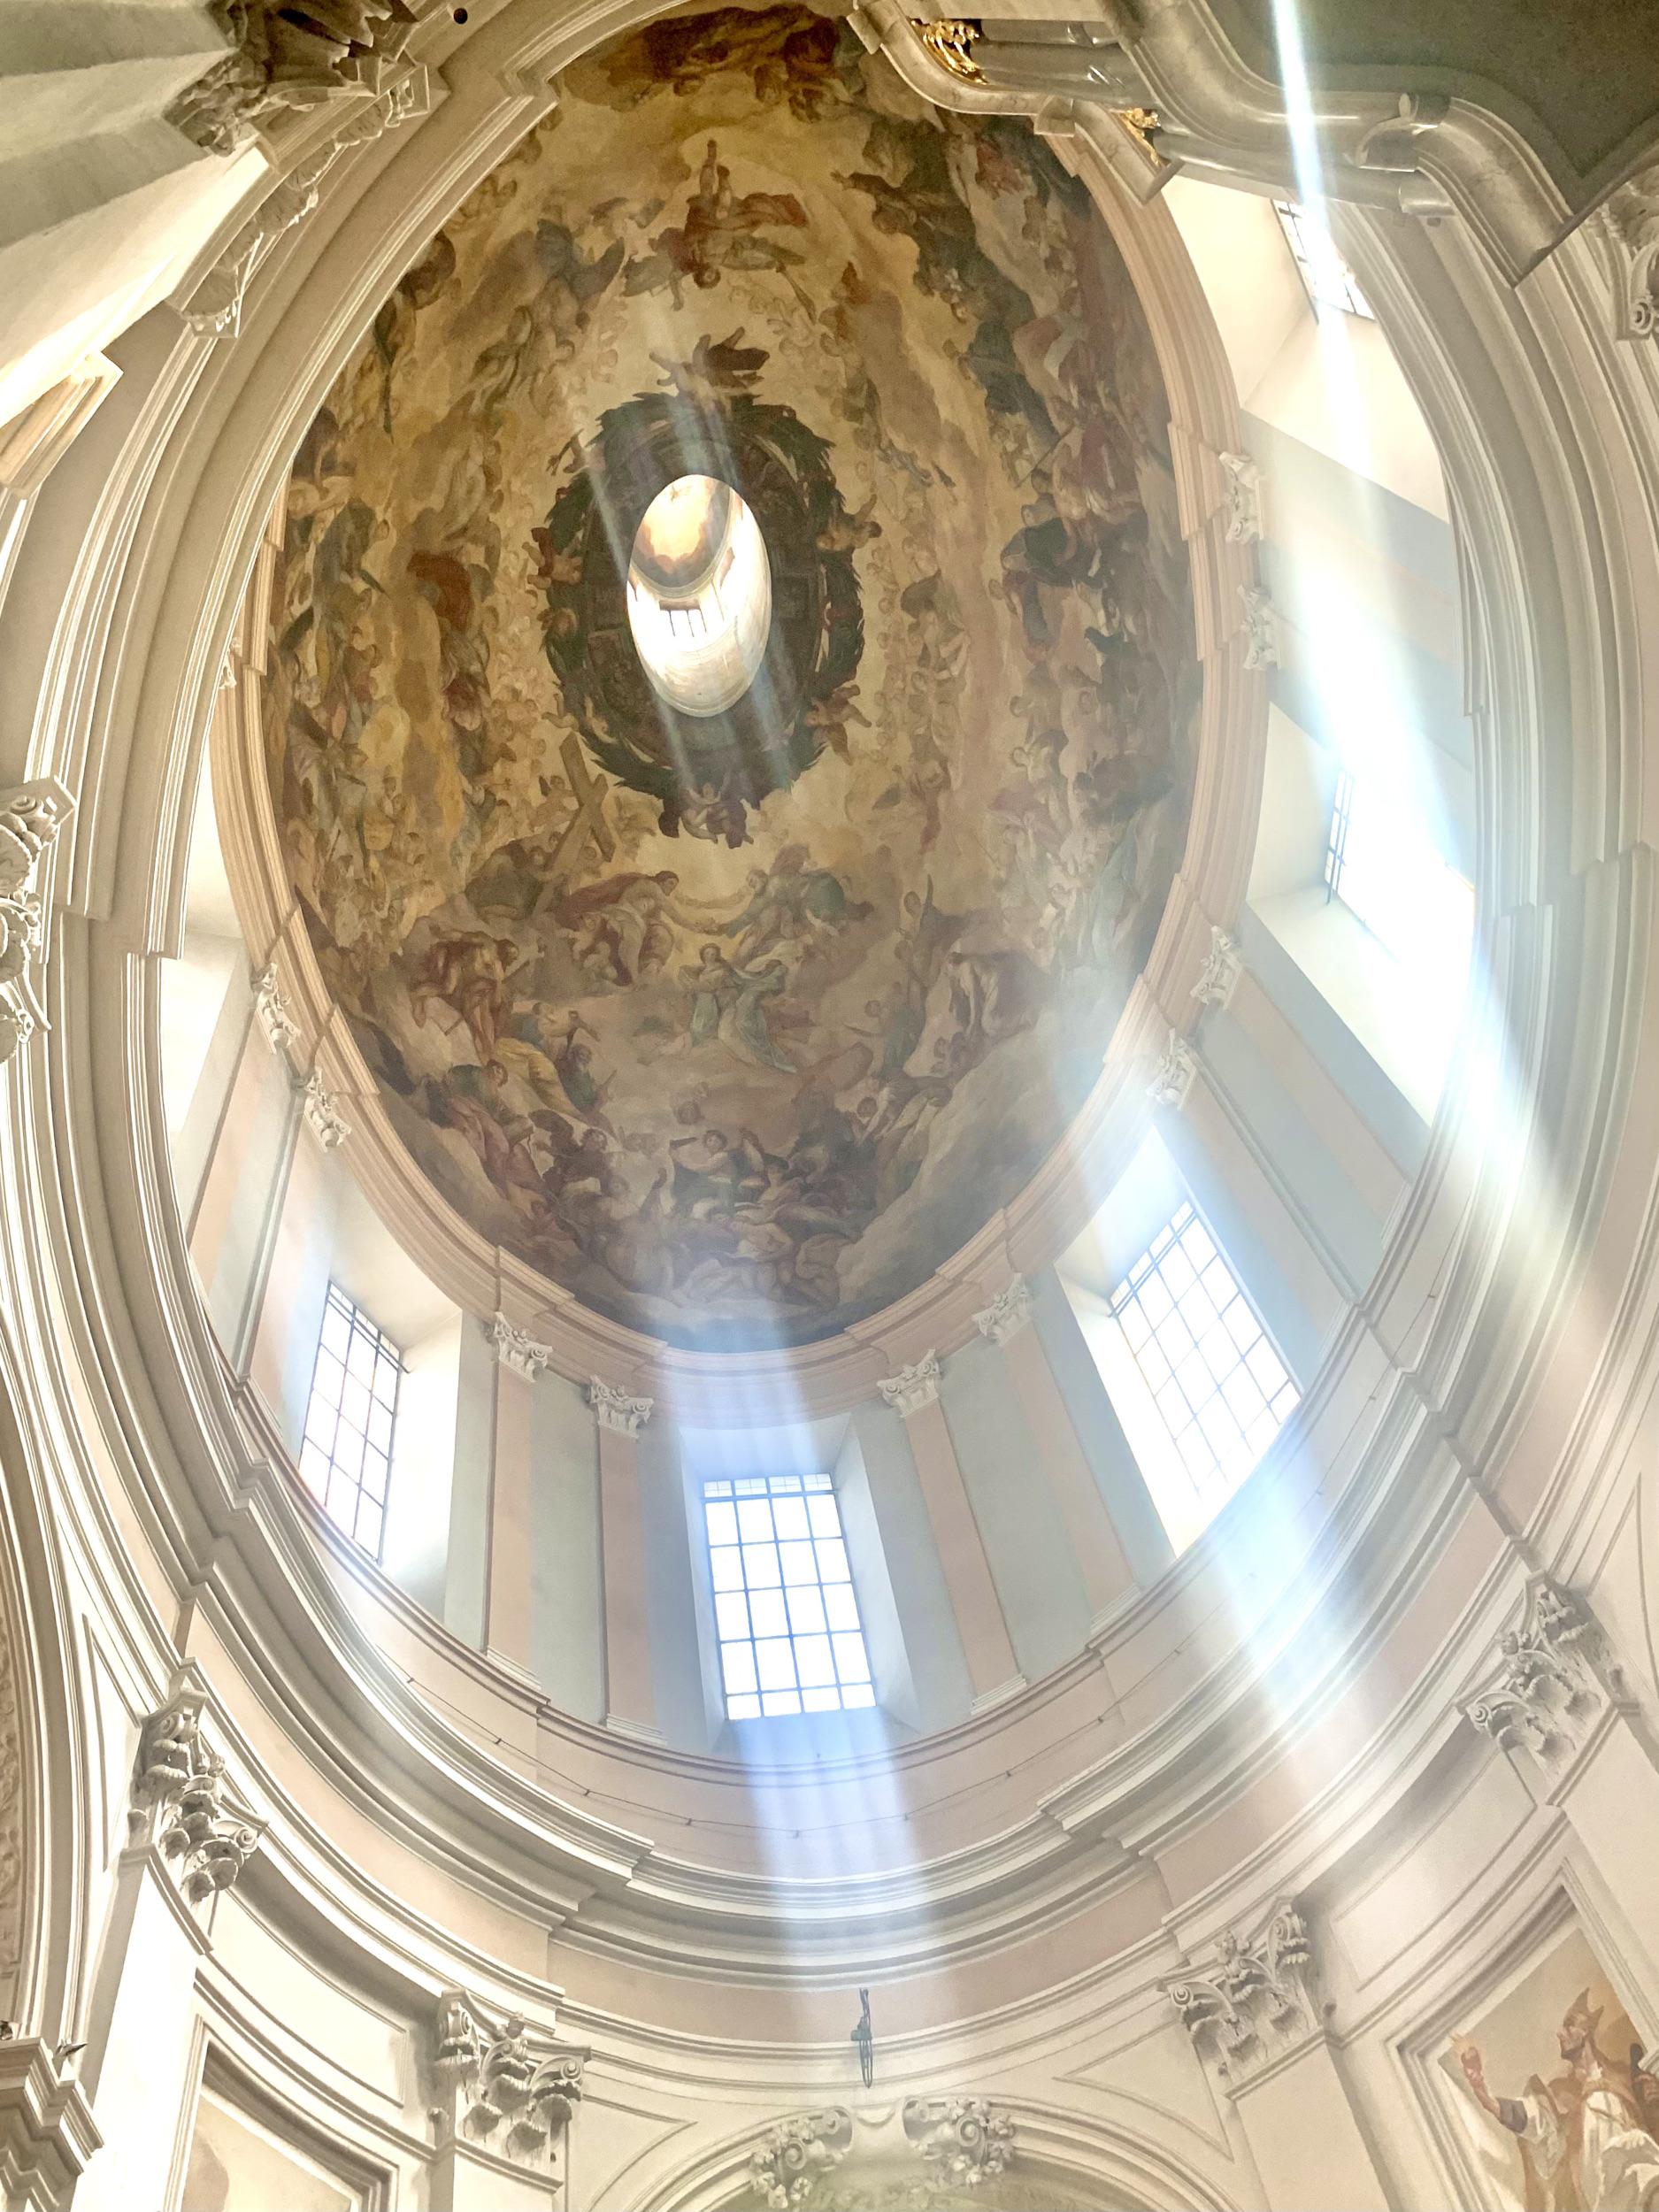 Dreifaltigkeitskirche Tambour Dome